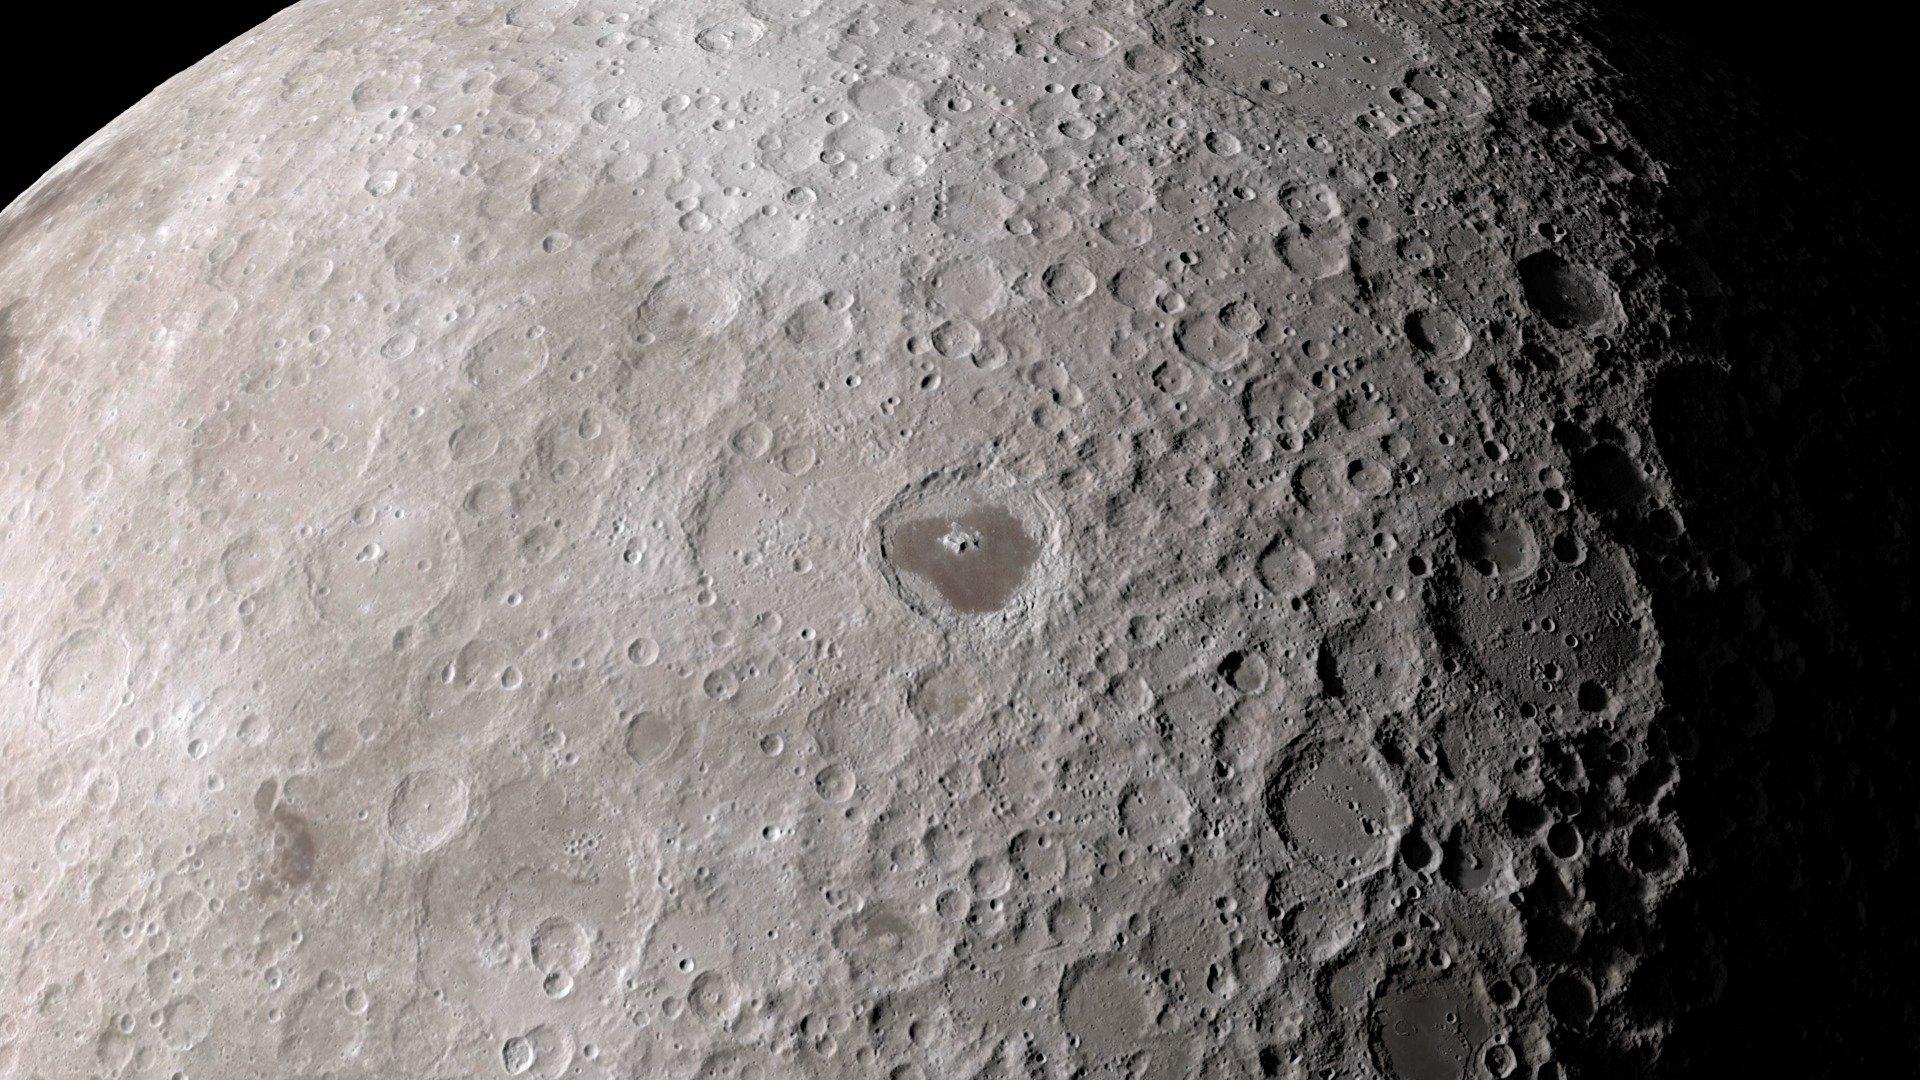 Посмотрите на оченьальное изображение, луны, пикабу